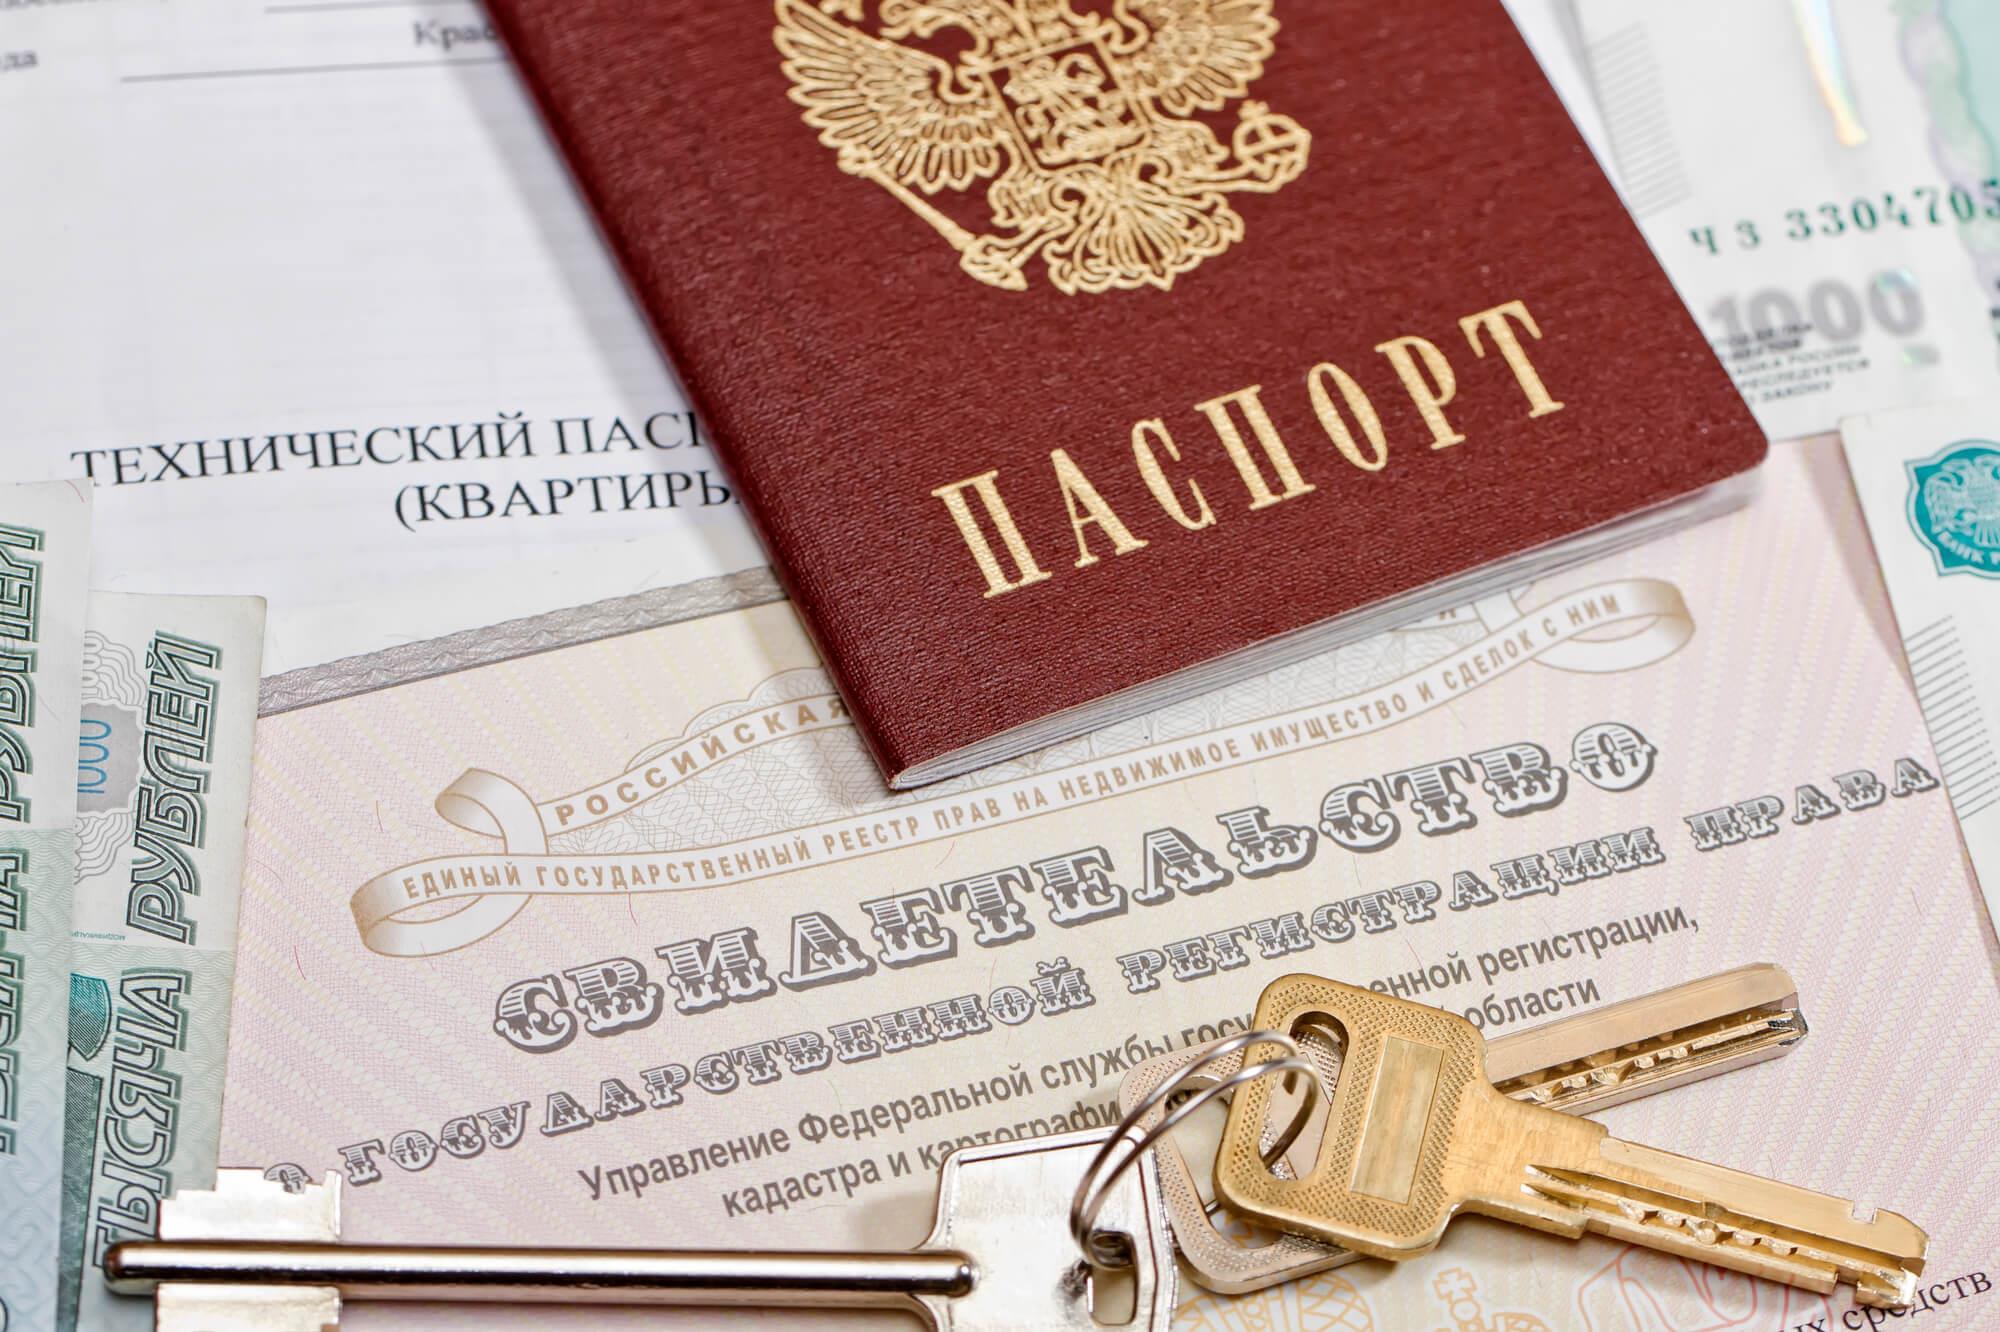 Что подтверждает право собственности на объект недвижимости